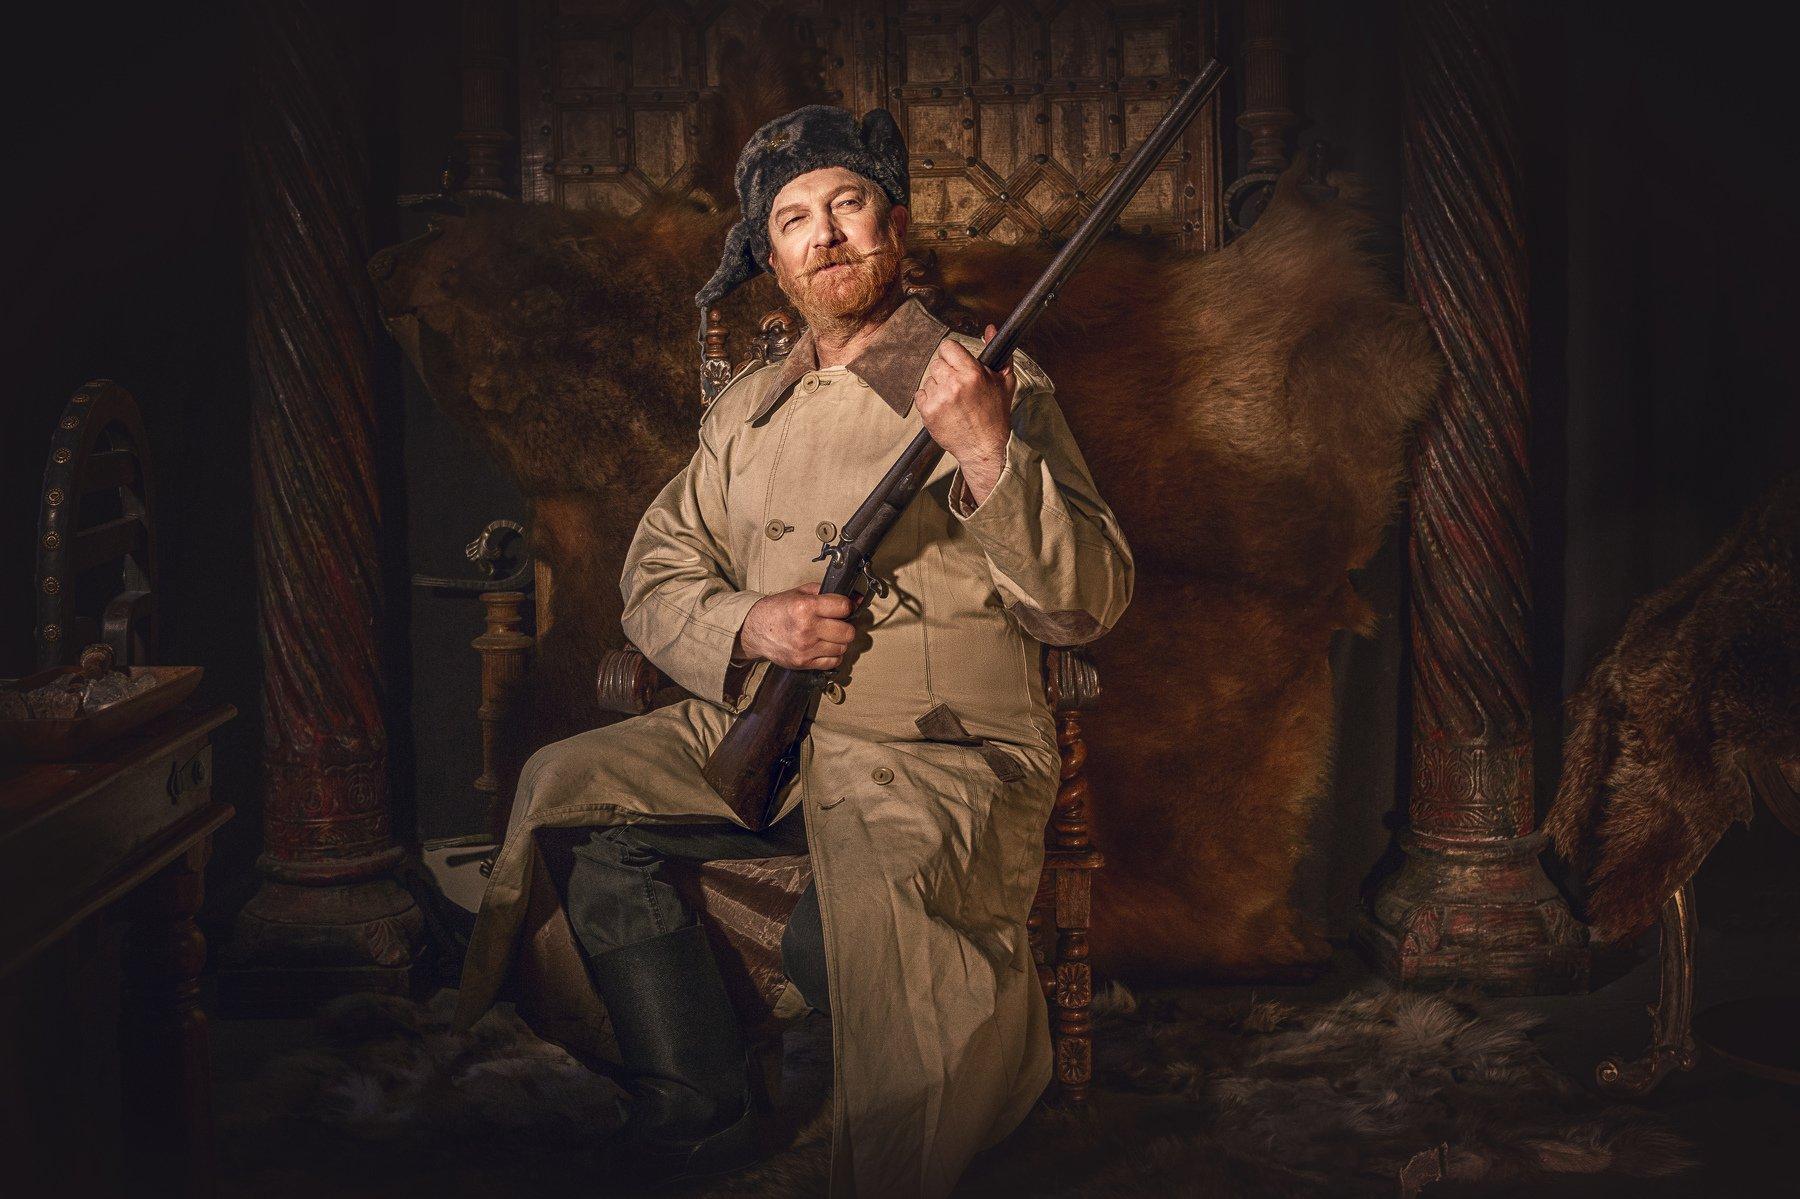 охотник, кузьмич, комедия, очаг, ружьё, Сергей Рехов